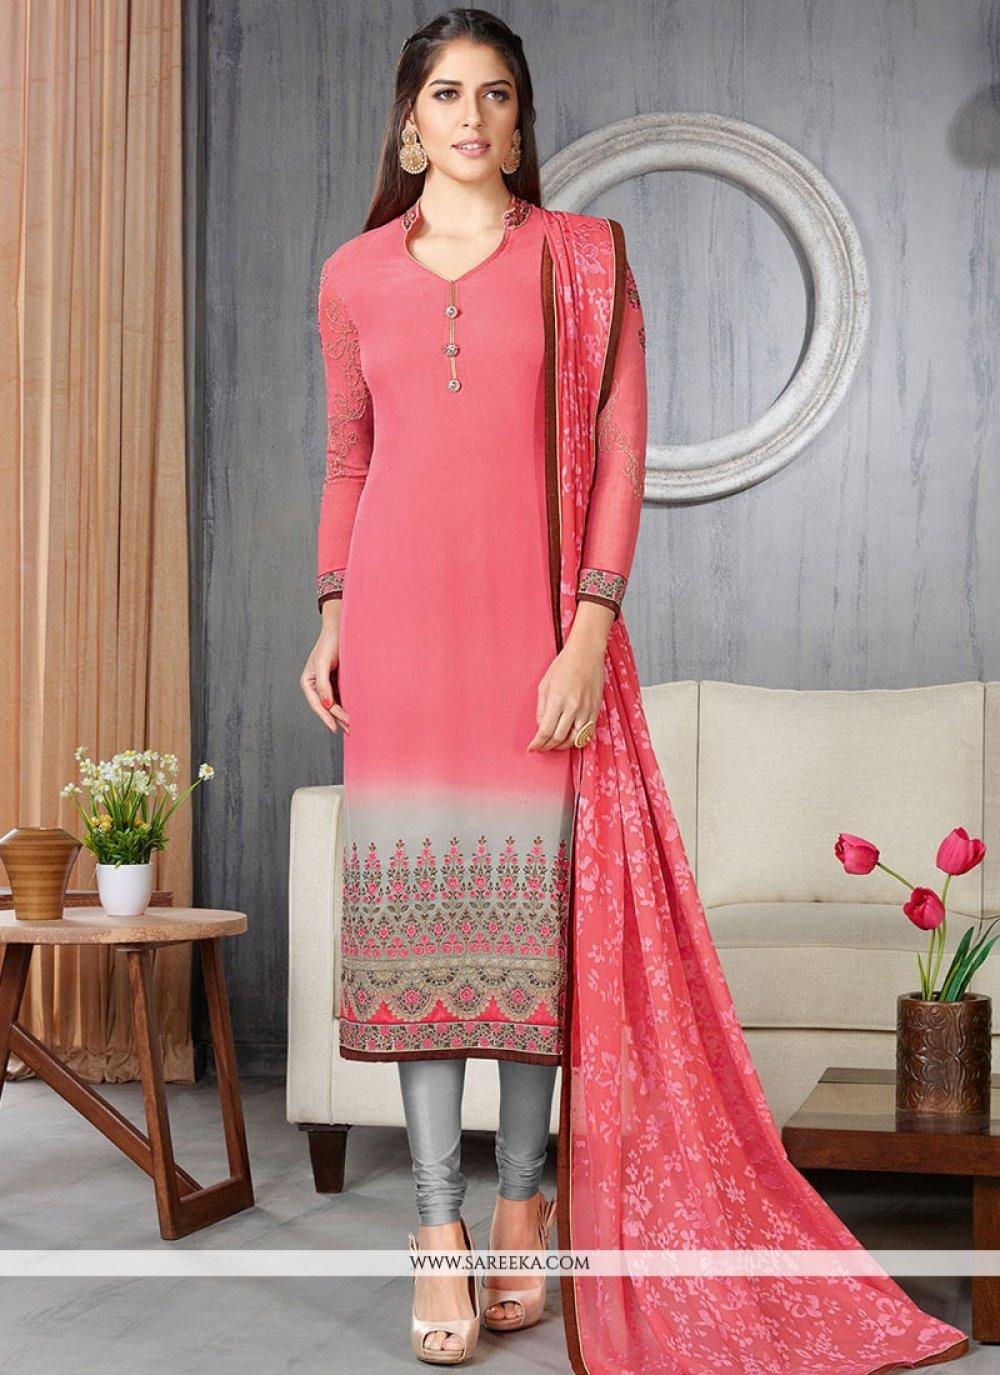 Lace Work Churidar Suit